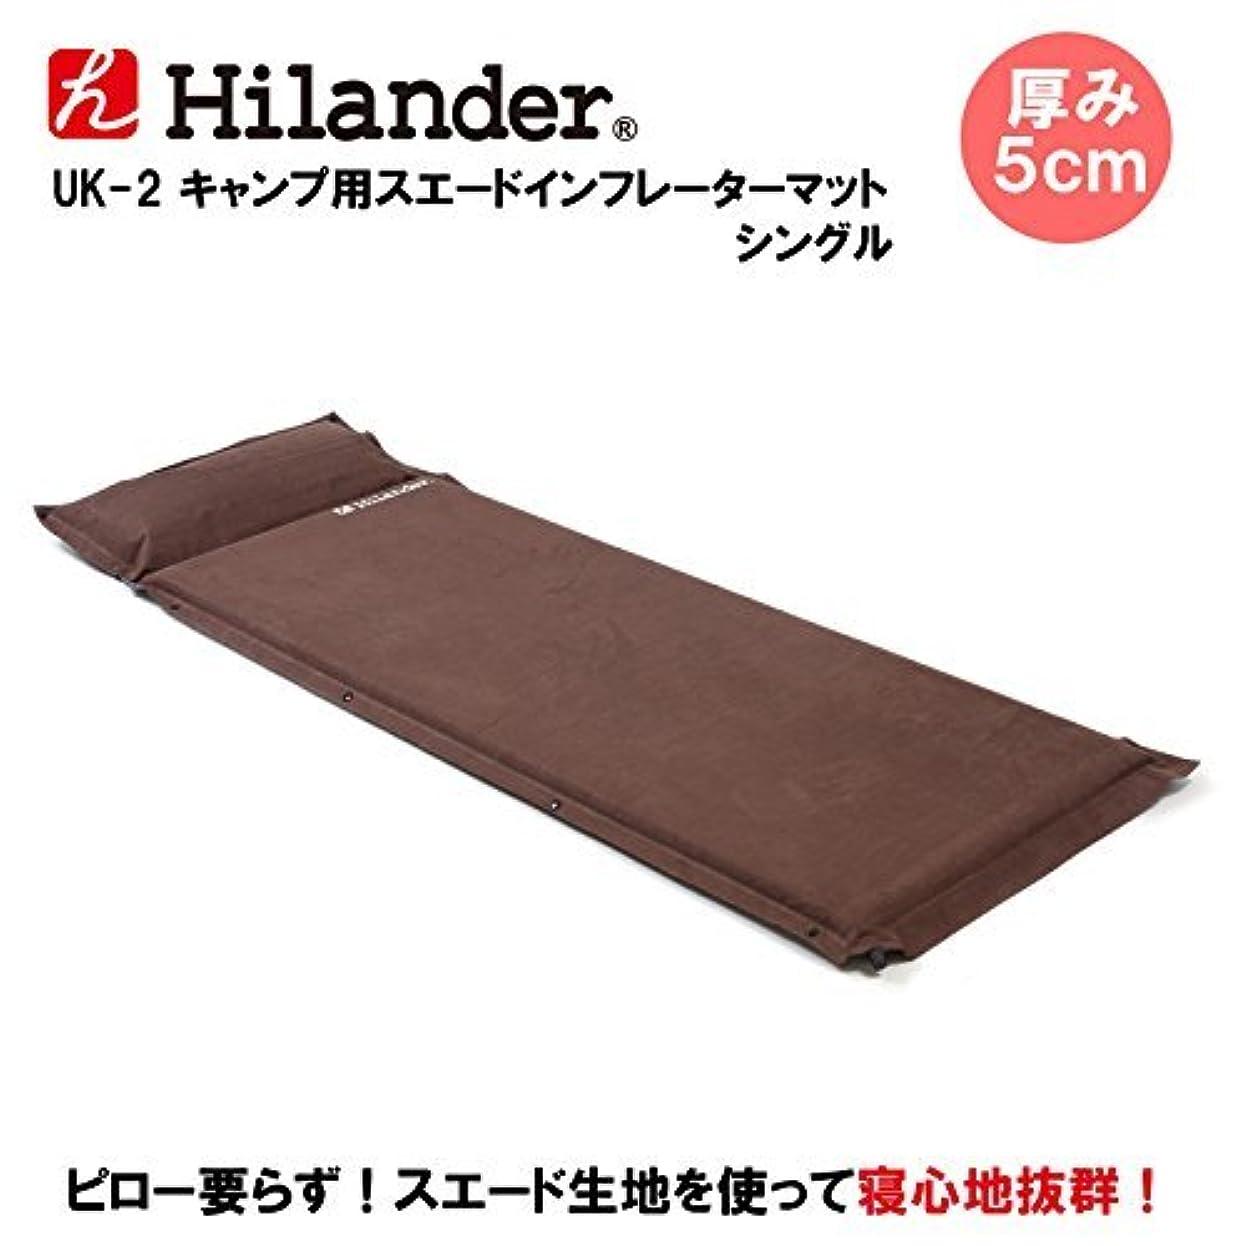 ビンシャイニング堀Hilander(ハイランダー) スエードインフレーターマット(枕付きタイプ) 5.0cm